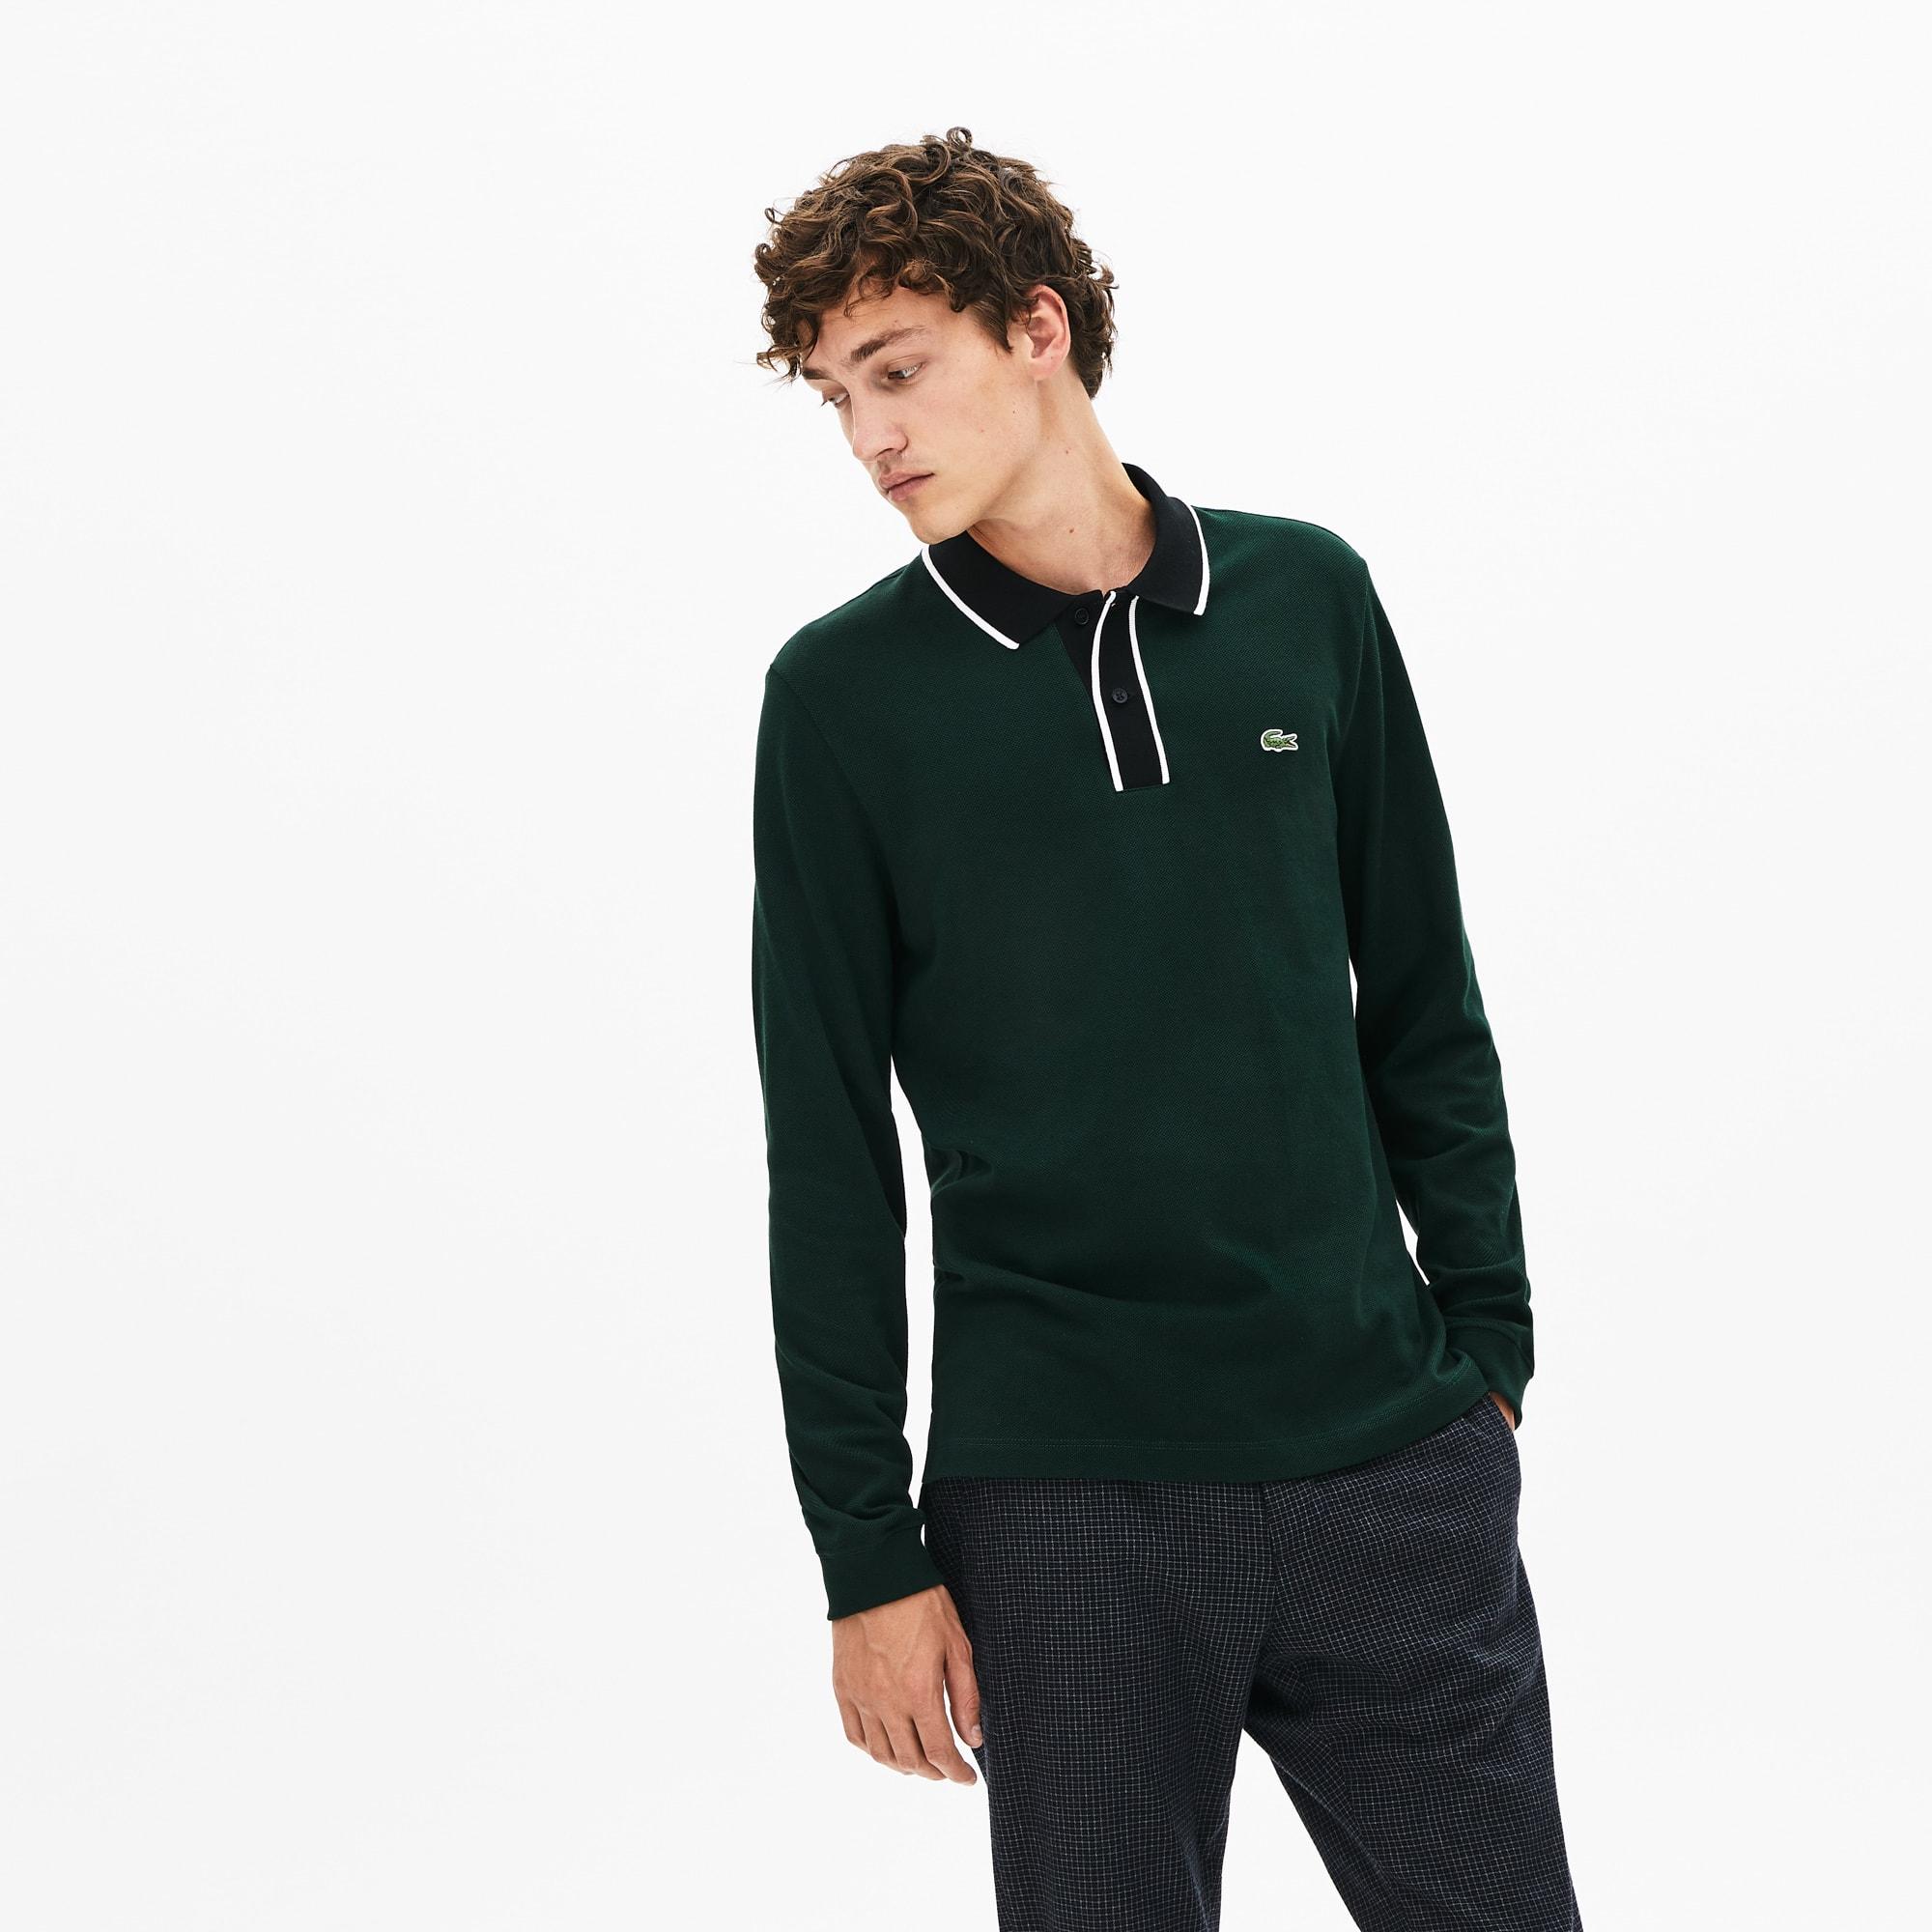 Lacoste Tops Men's Regular Fit Cotton Piqué Polo Shirt